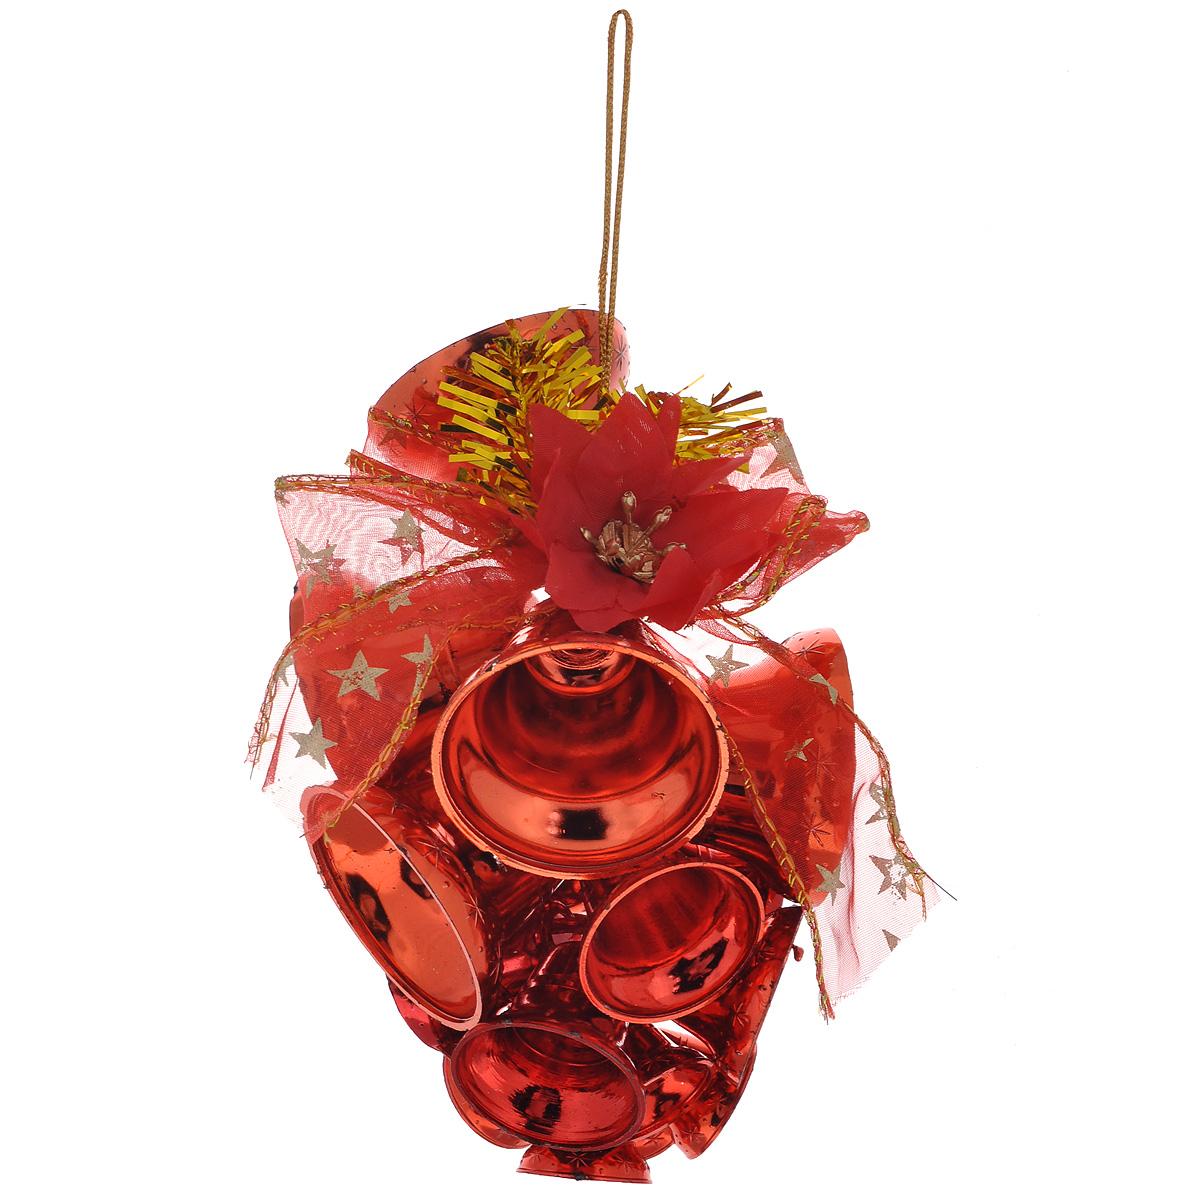 Новогоднее подвесное украшение Колокольчики, цвет: красный. 34424C0038550Новогоднее украшение Колокольчики отлично подойдет для декорации вашего дома и новогодней ели. Игрушка выполнена в виде связки на декоративной ленте из шести пластиковых колокольчиков различных размеров. Связка украшена декоративным элементом в виде цветка с золотистым листком, ветками с ягодами и текстильным бантом с мишурой. Колокольчики украшены мишурой и золотой каймой по краю. Украшение оснащено специальной текстильной петелькой для подвешивания. Елочная игрушка - символ Нового года. Она несет в себе волшебство и красоту праздника. Создайте в своем доме атмосферу веселья и радости, украшая всей семьей новогоднюю елку нарядными игрушками, которые будут из года в год накапливать теплоту воспоминаний.